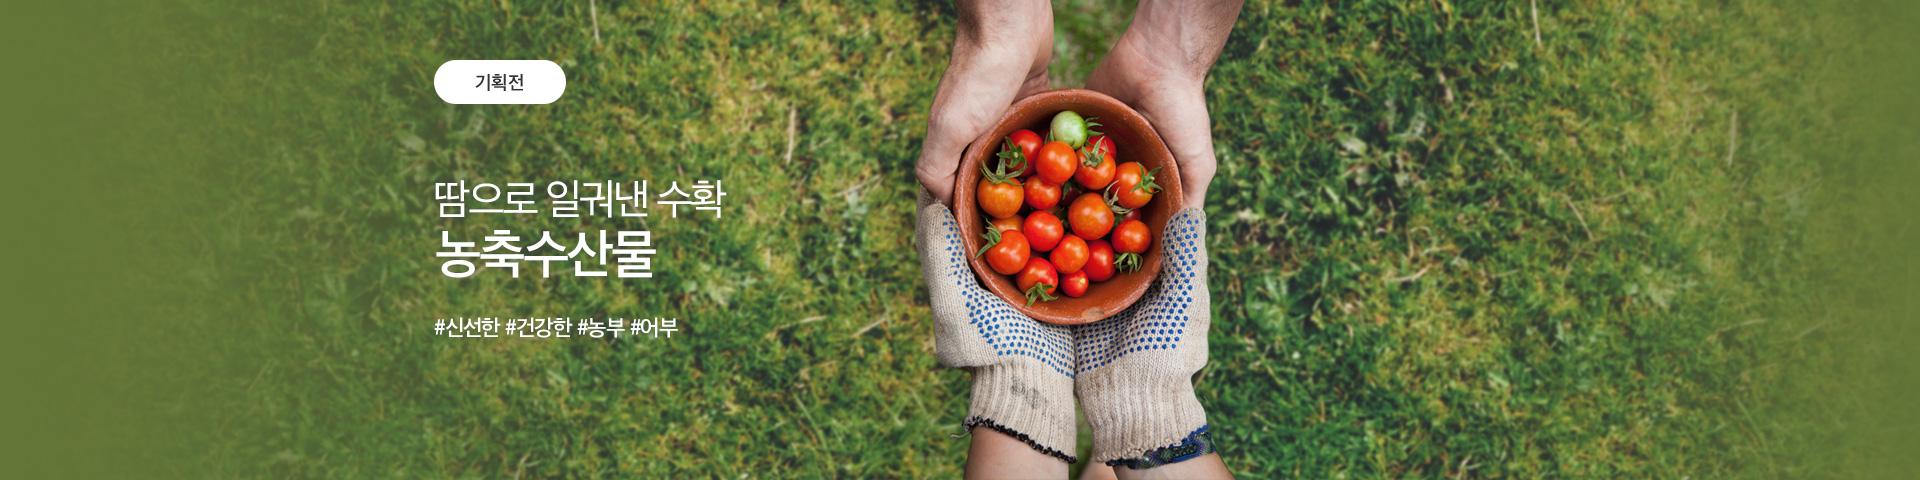 땀으로 일궈낸 수확, 농축수산물